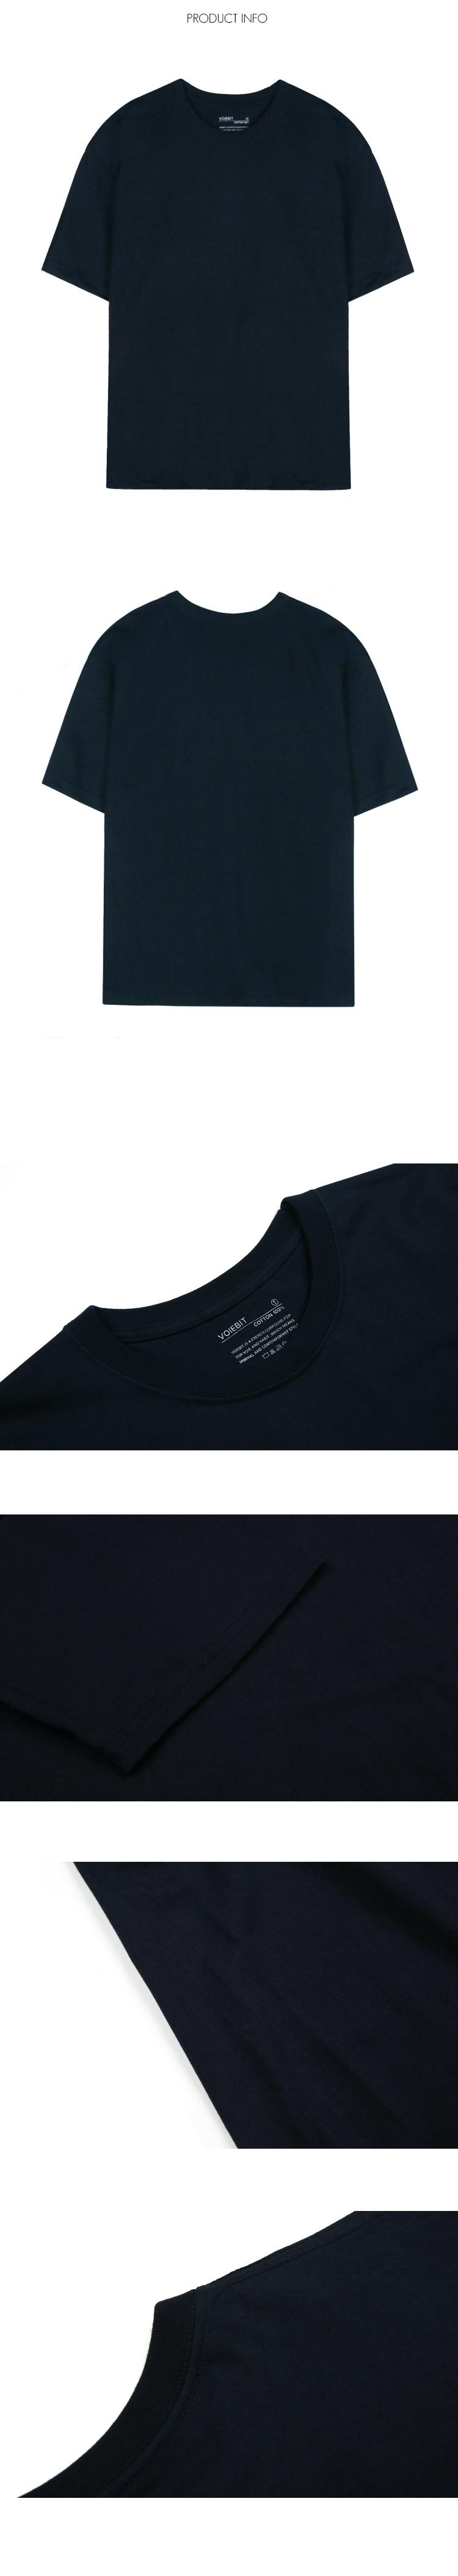 브아빗(VOIEBIT) V367 베이직 오버핏 반팔티-(네이비)